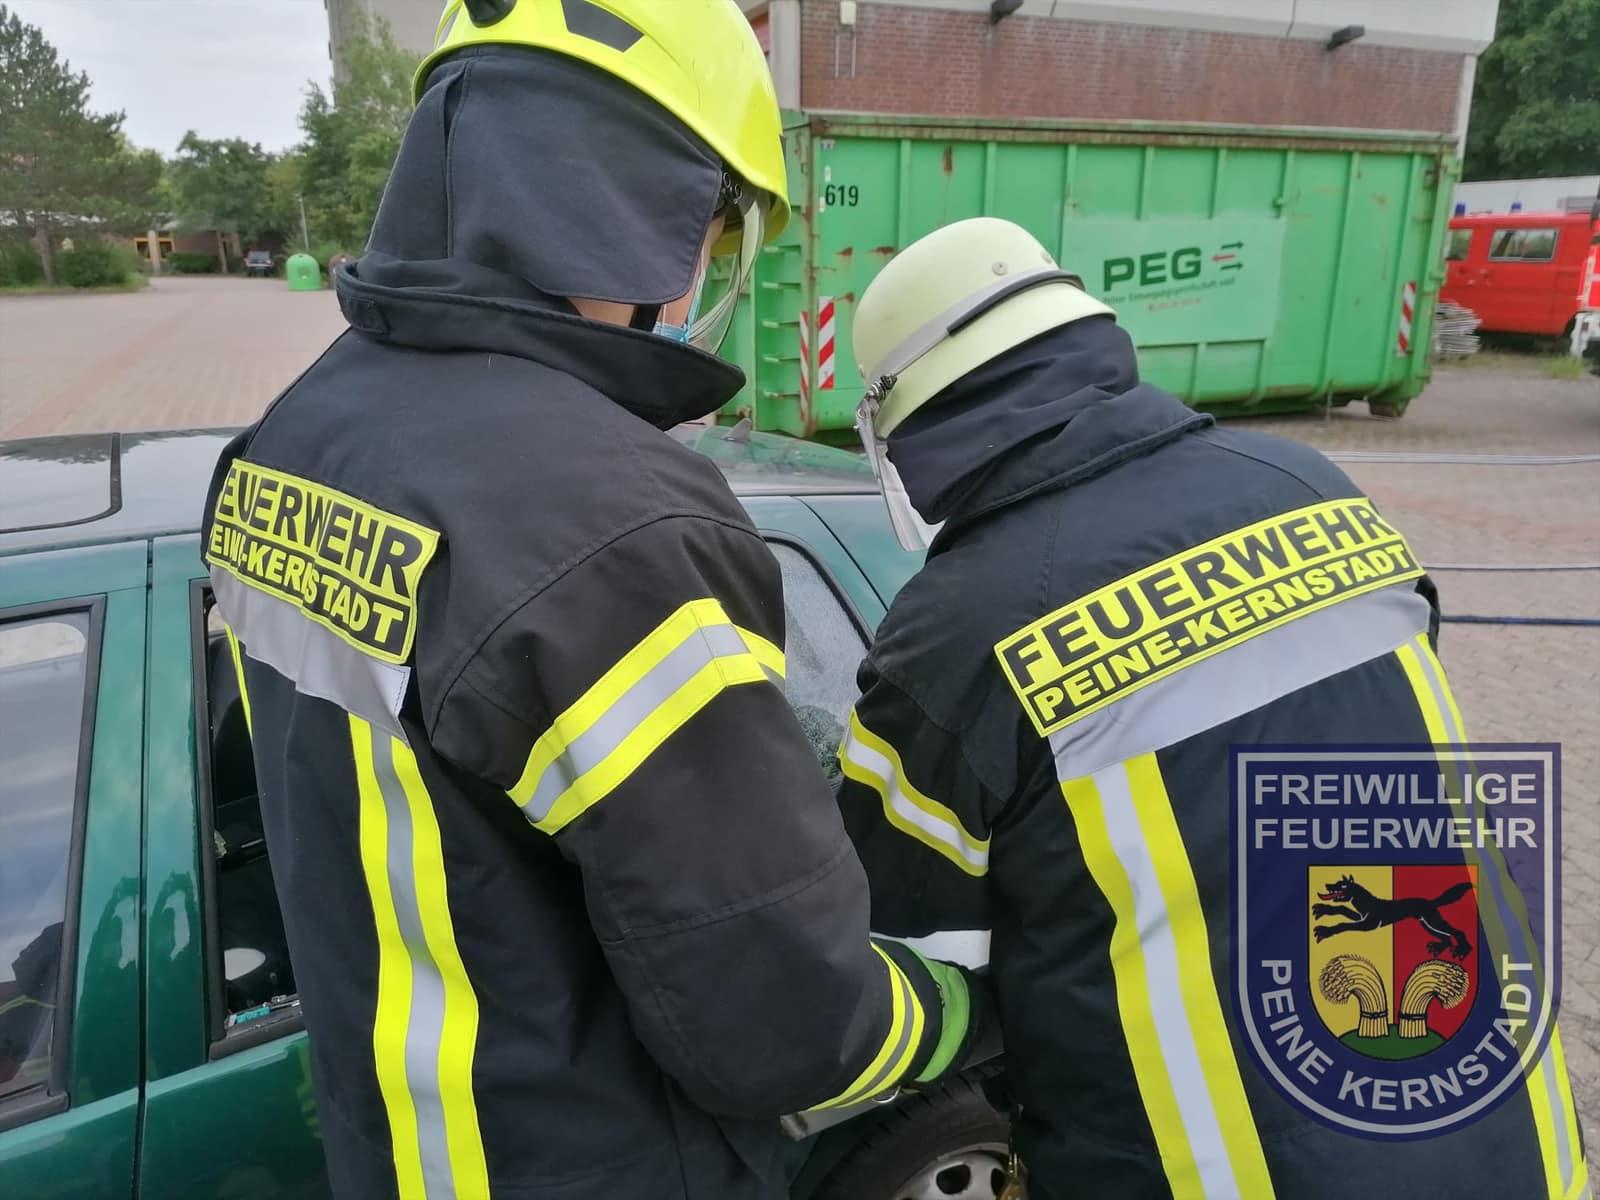 Ausbildungsdienst: FwDV 3 Einheiten im Lösch- und Hilfeleistungseinsatz